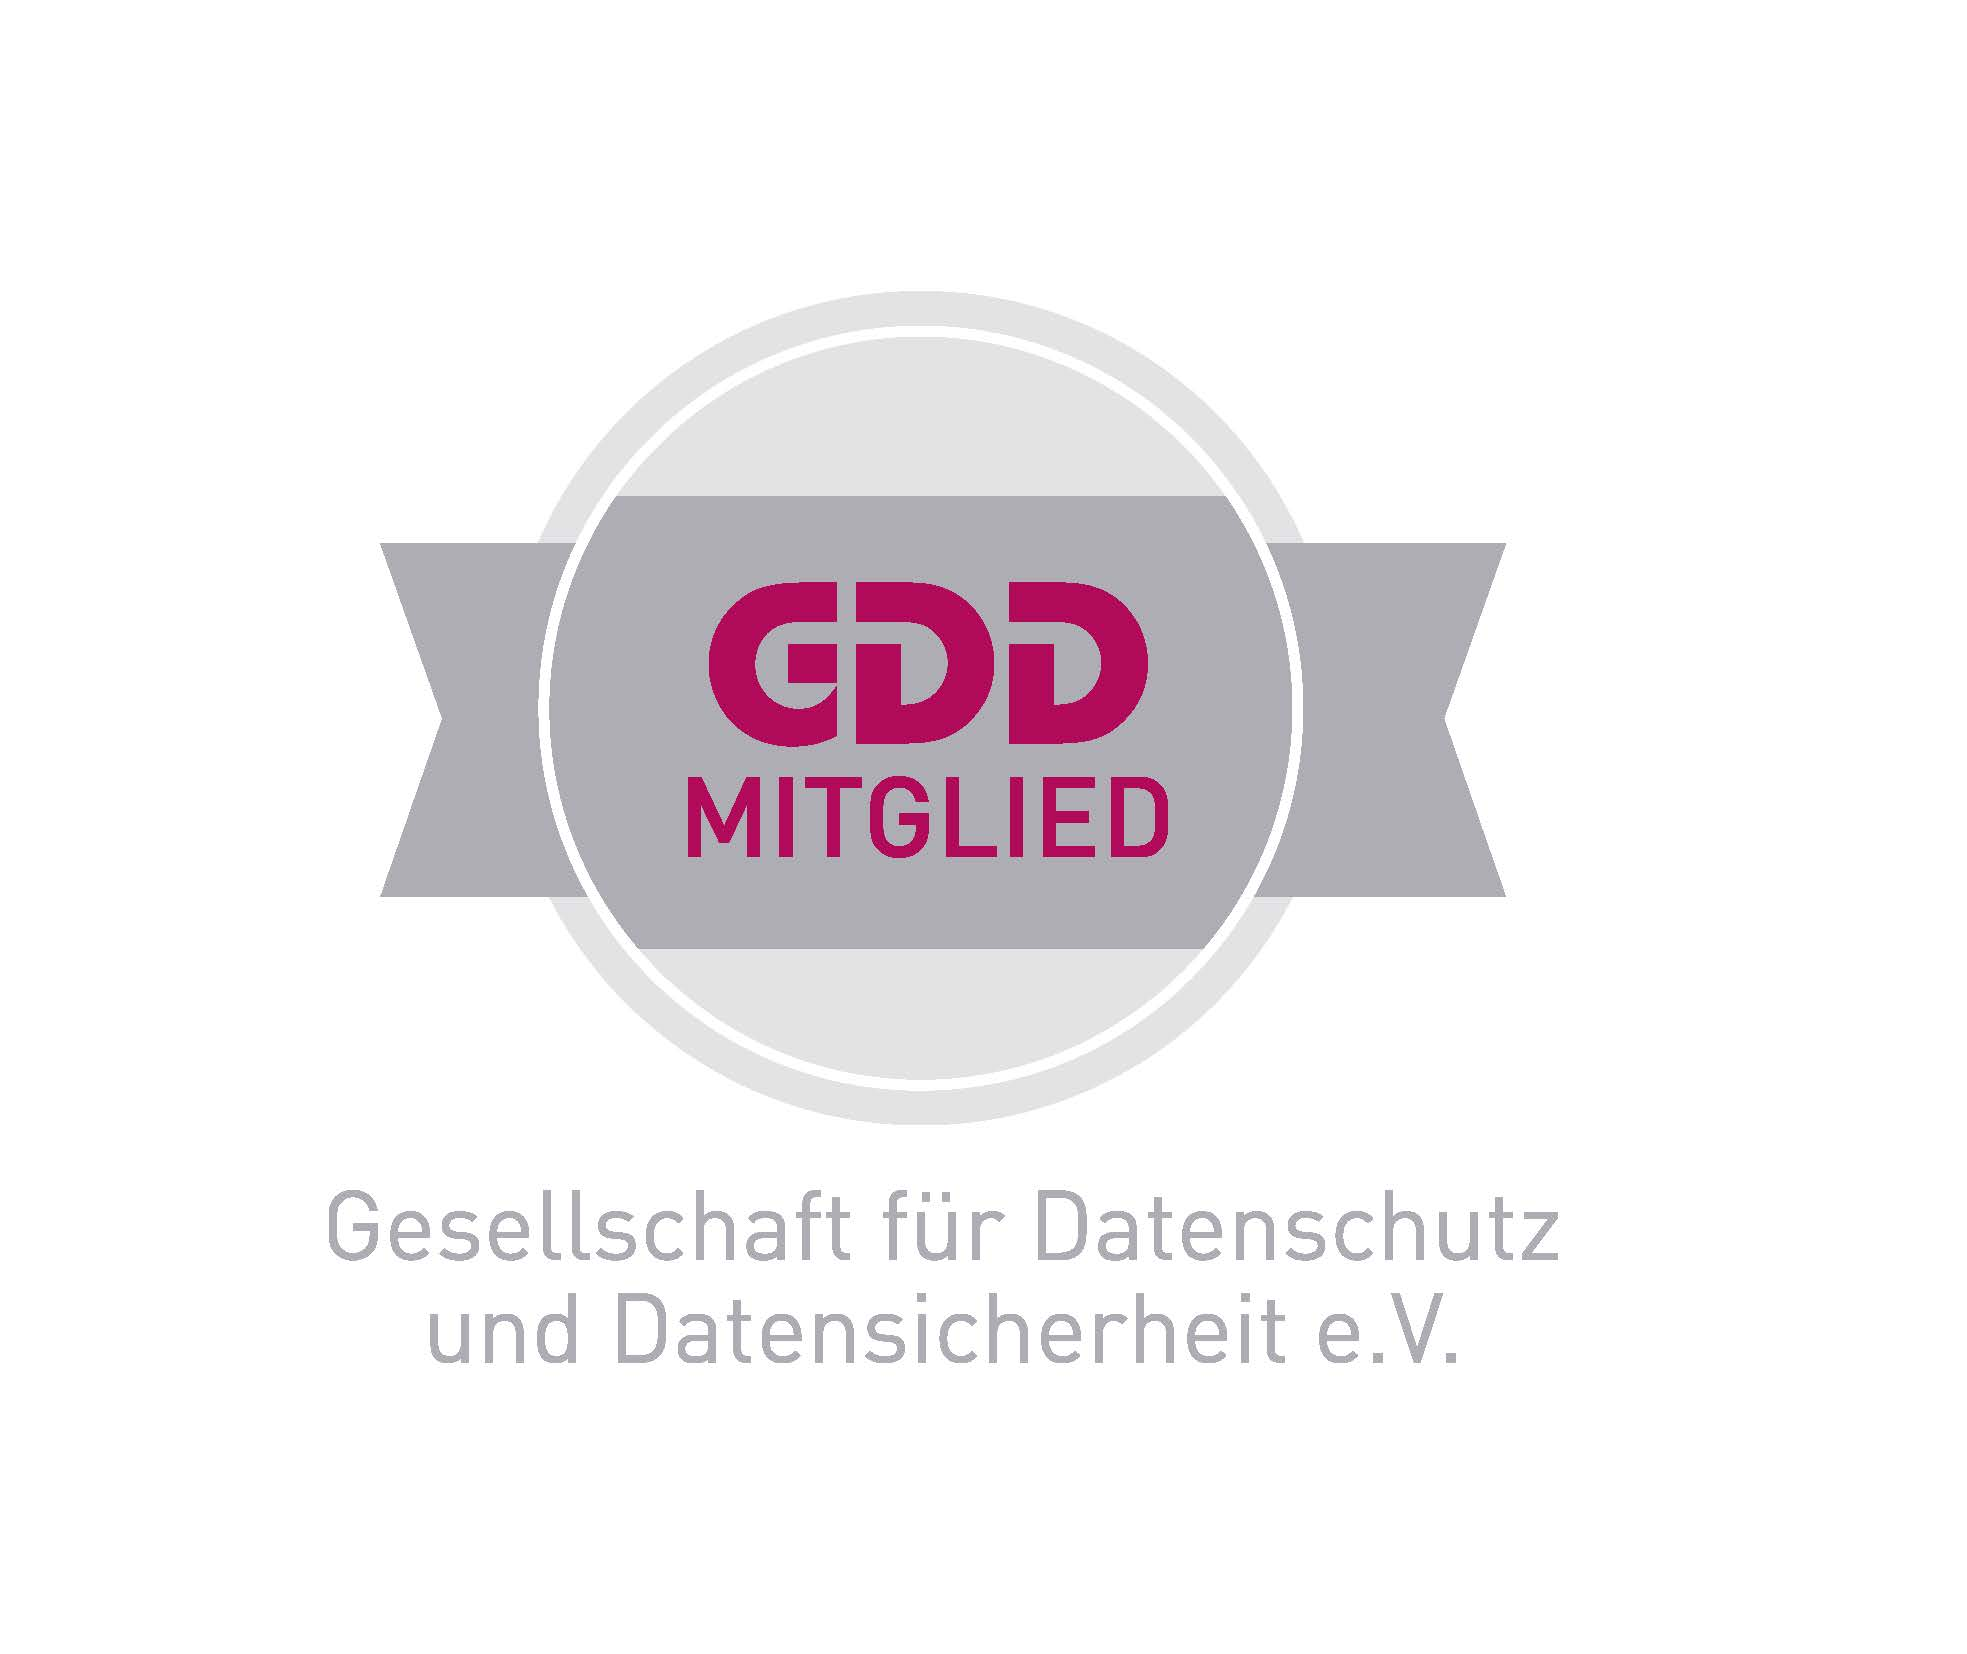 Verum Data ist Mitglied im GDD